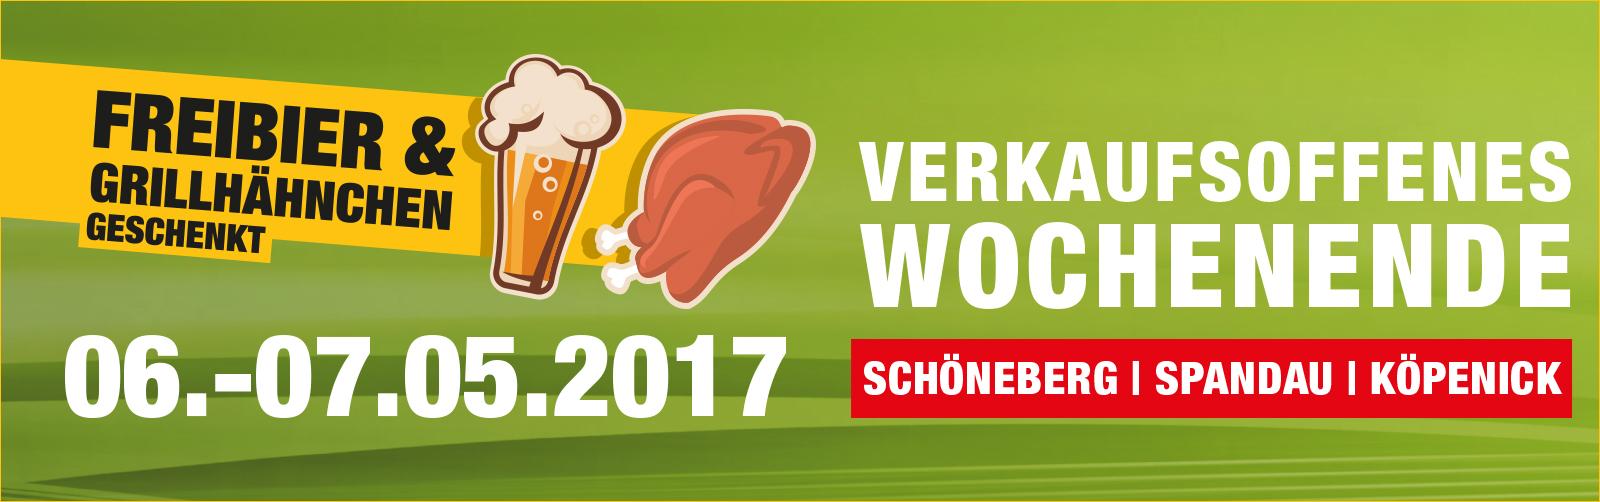 [Lokal Berlin/Autohaus König] Freibier und Grillhähnchen geschenkt 06.-7.05.2017